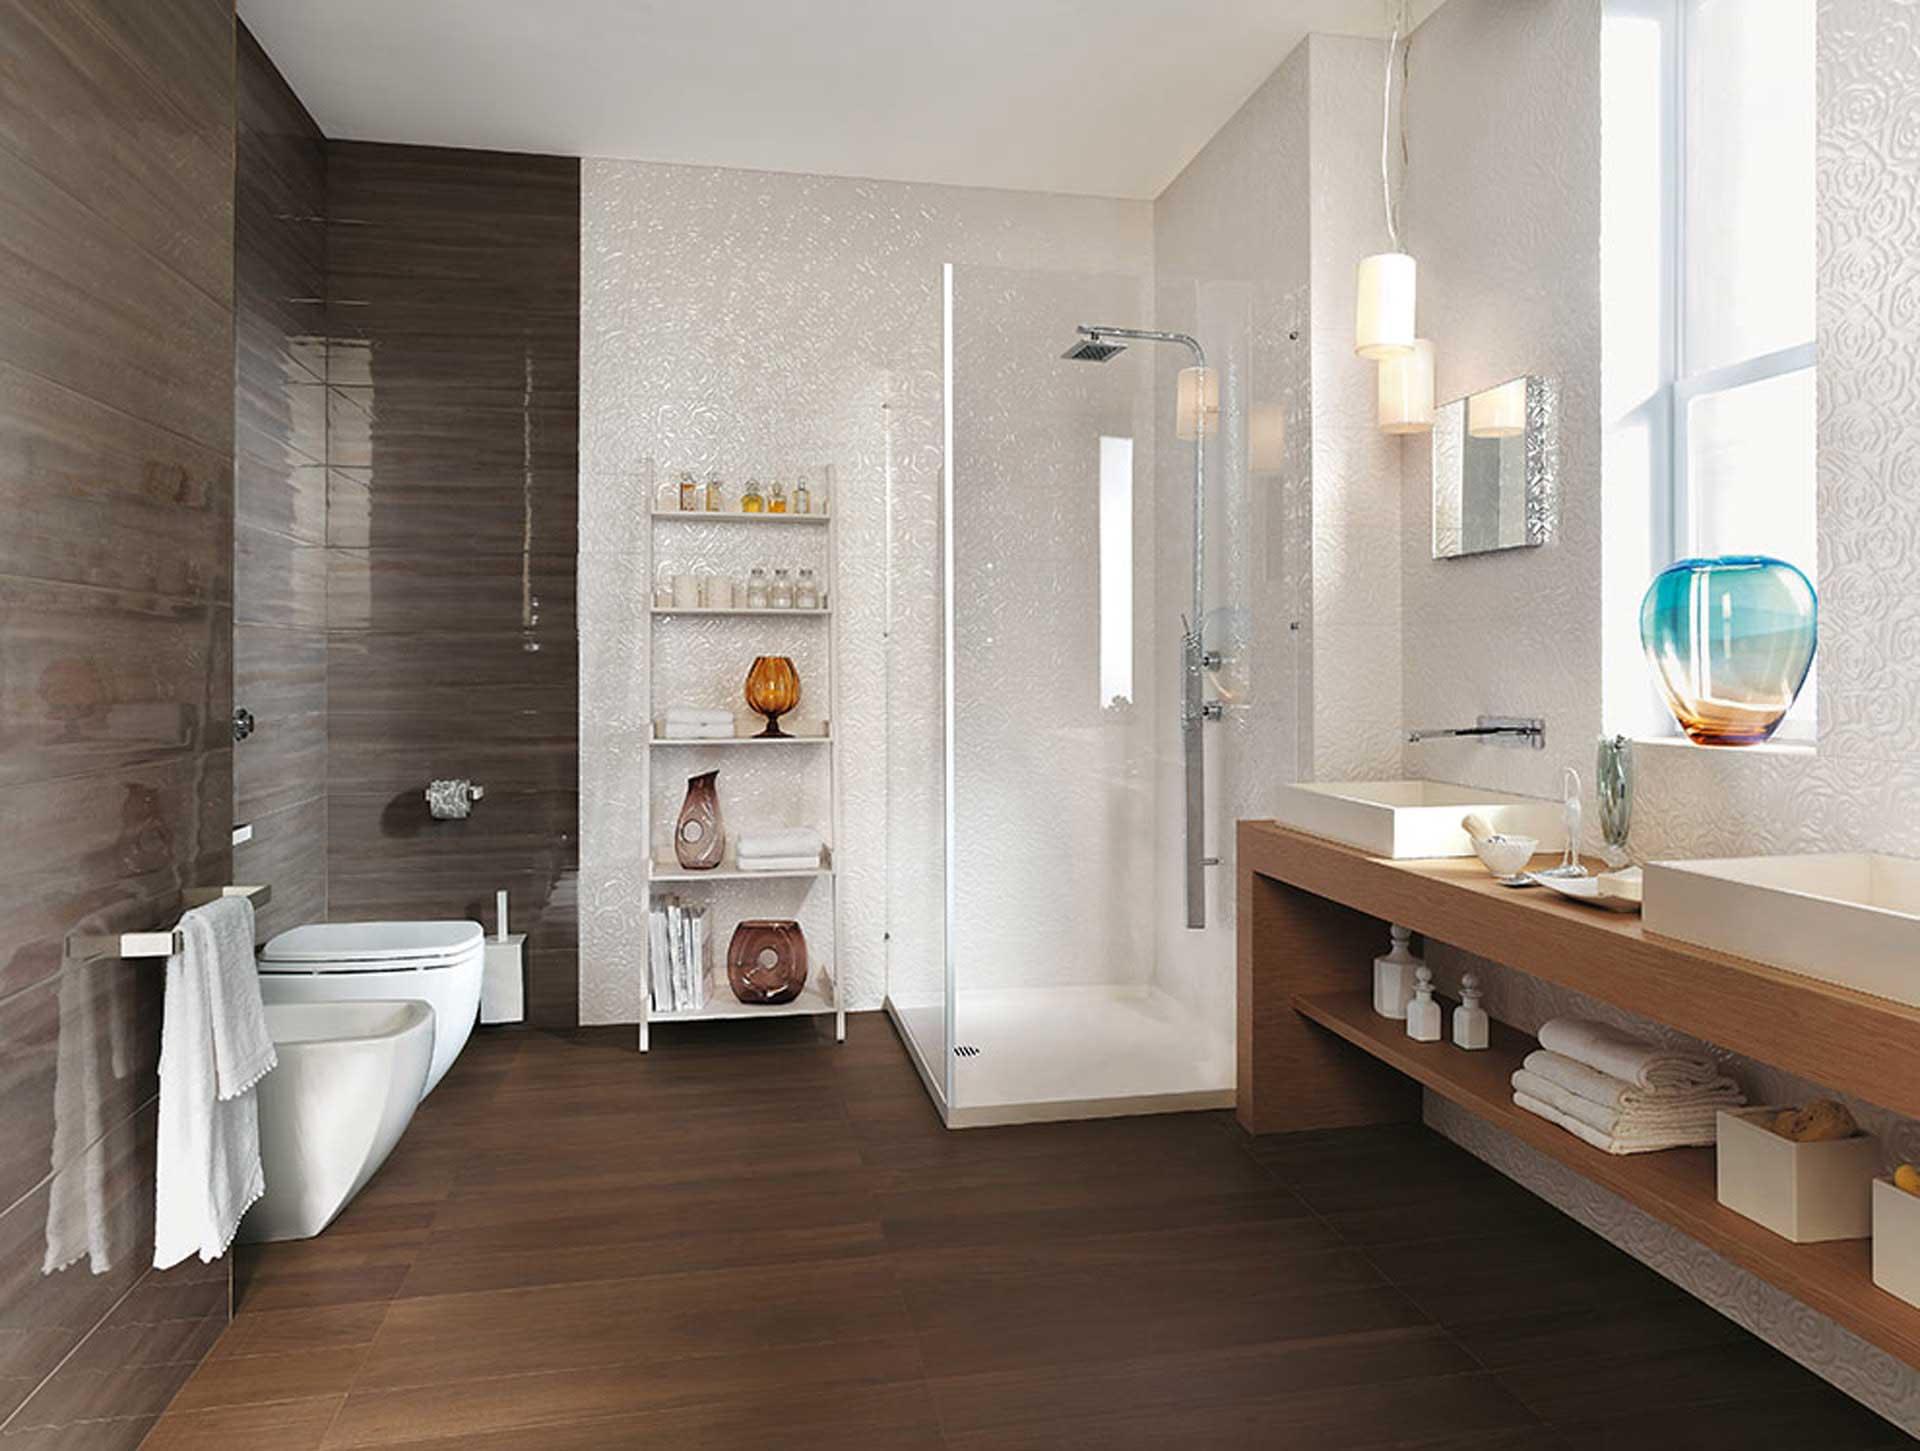 Sole un mix di decori e mosaici per il rivestimento bagno for Rivenditore di mobili di design di sole